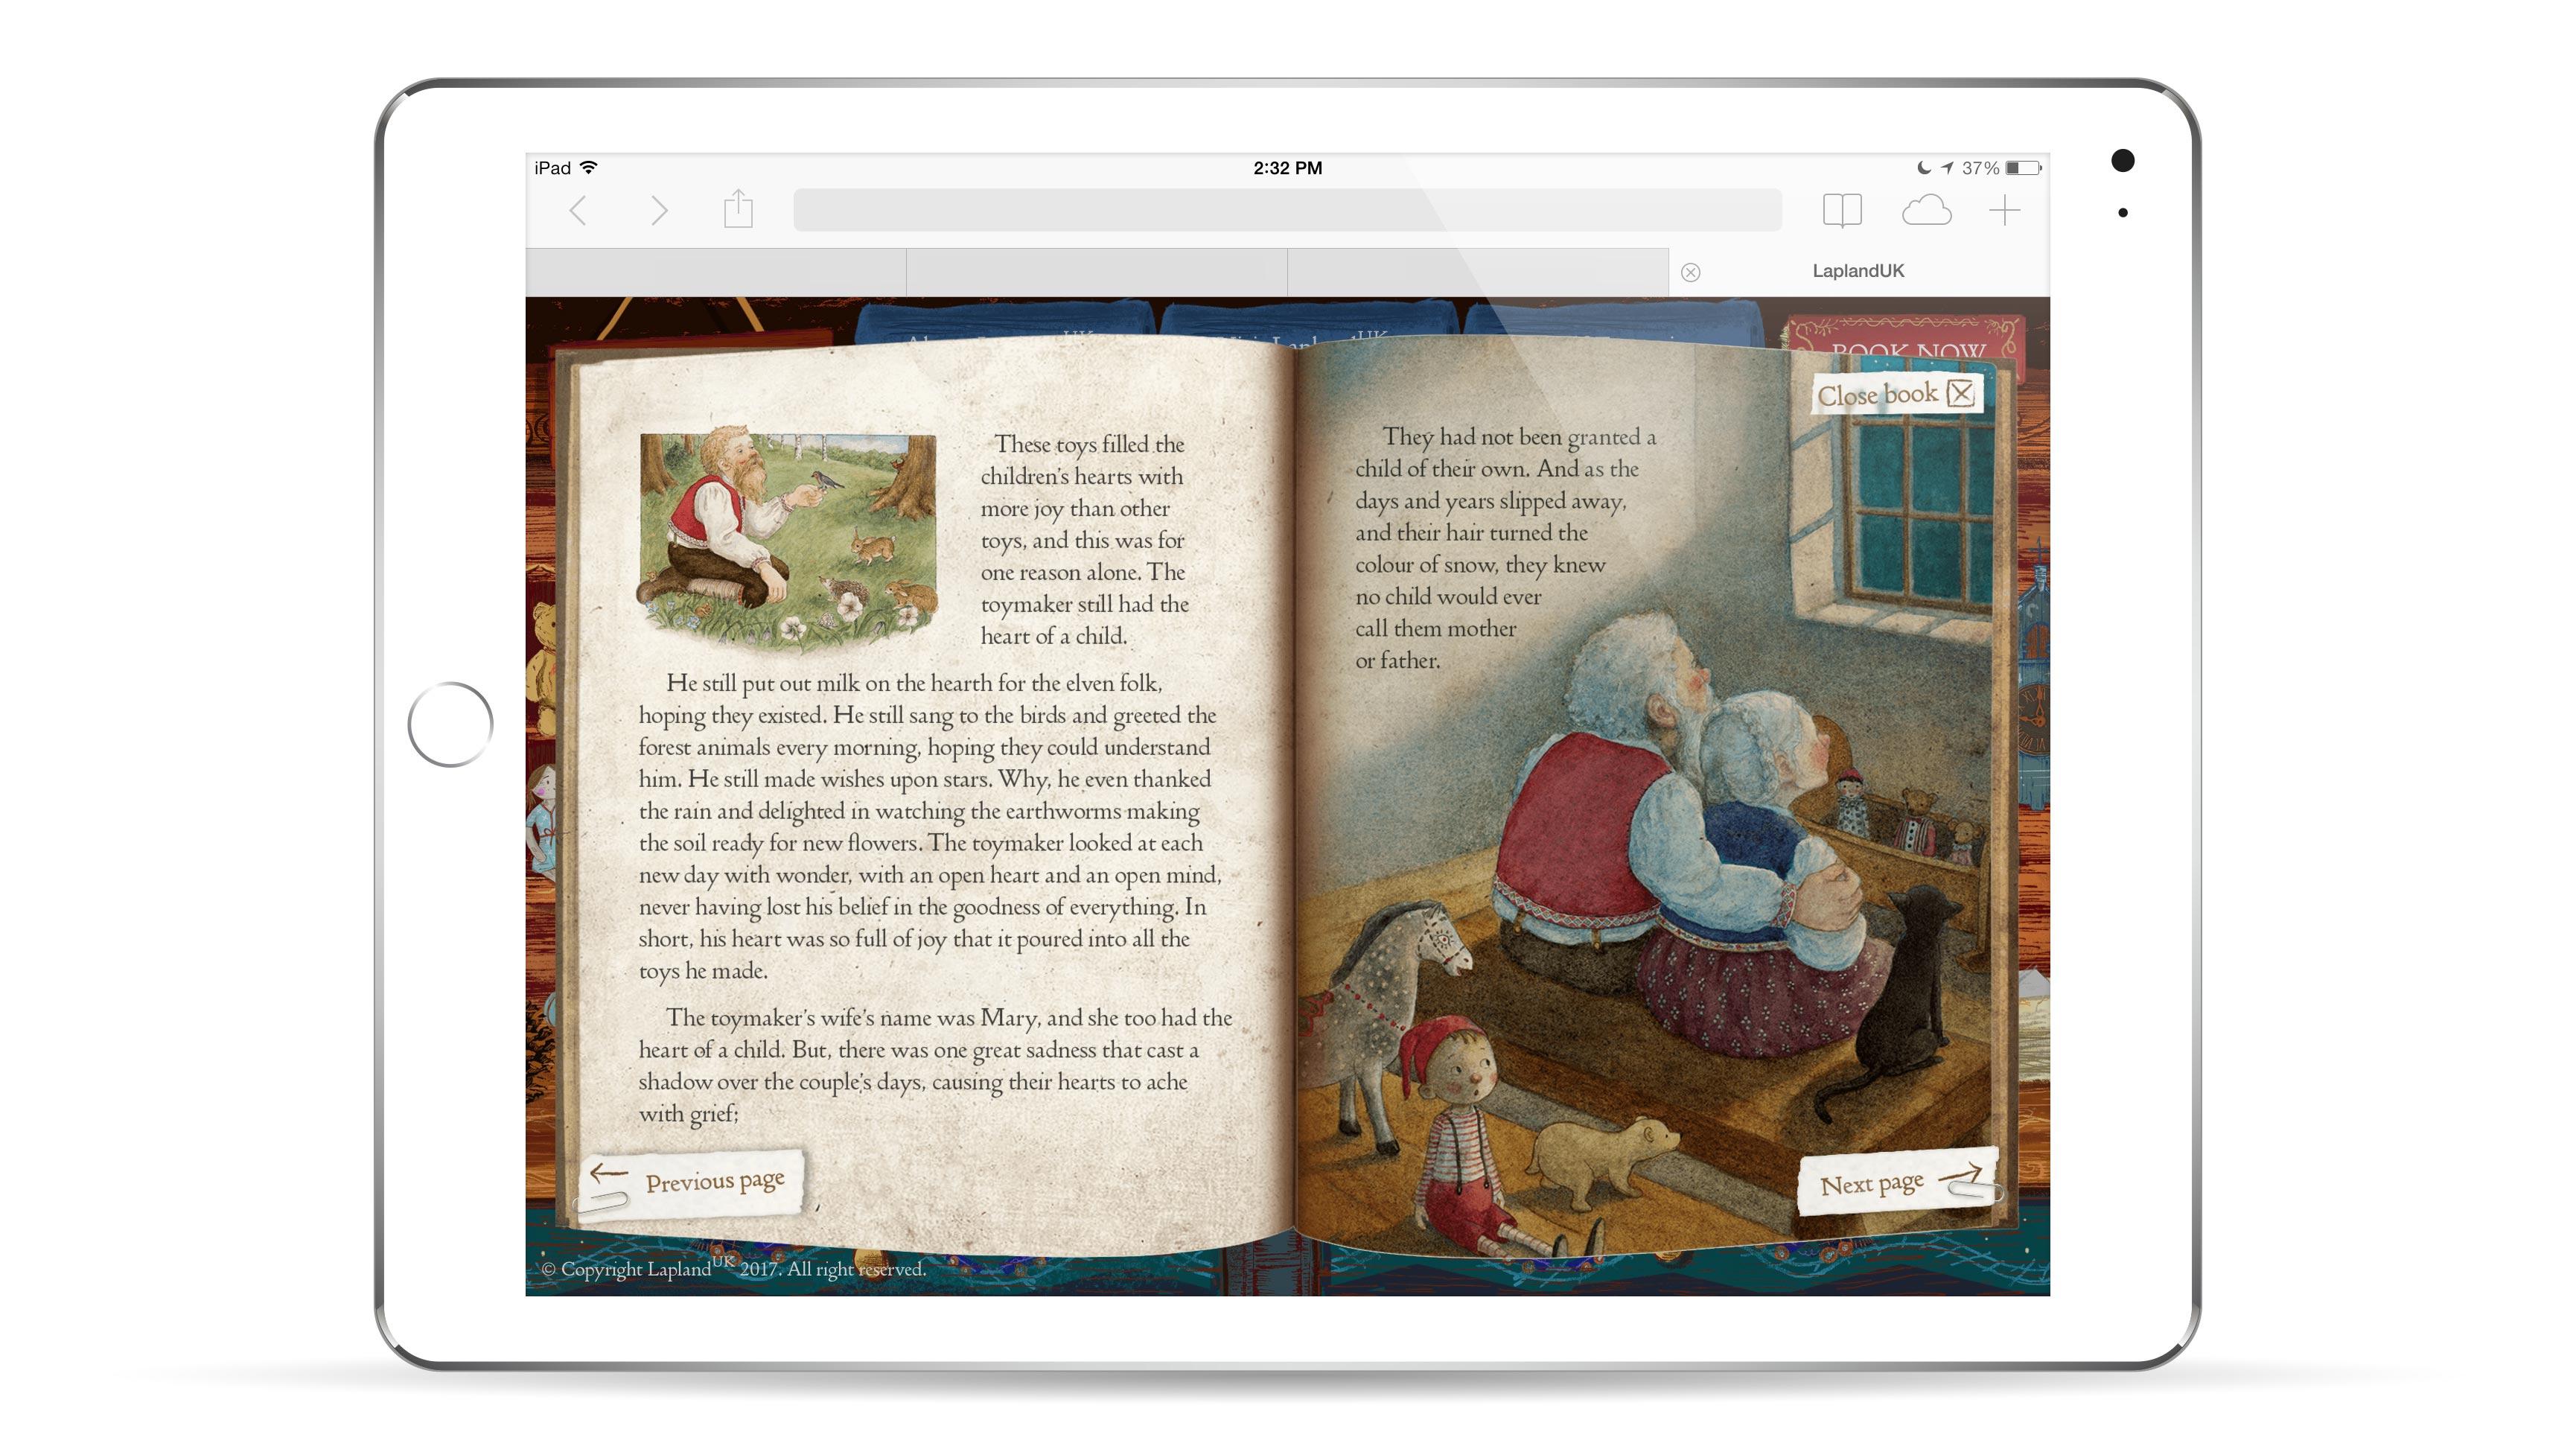 LUK_iPad-Untold